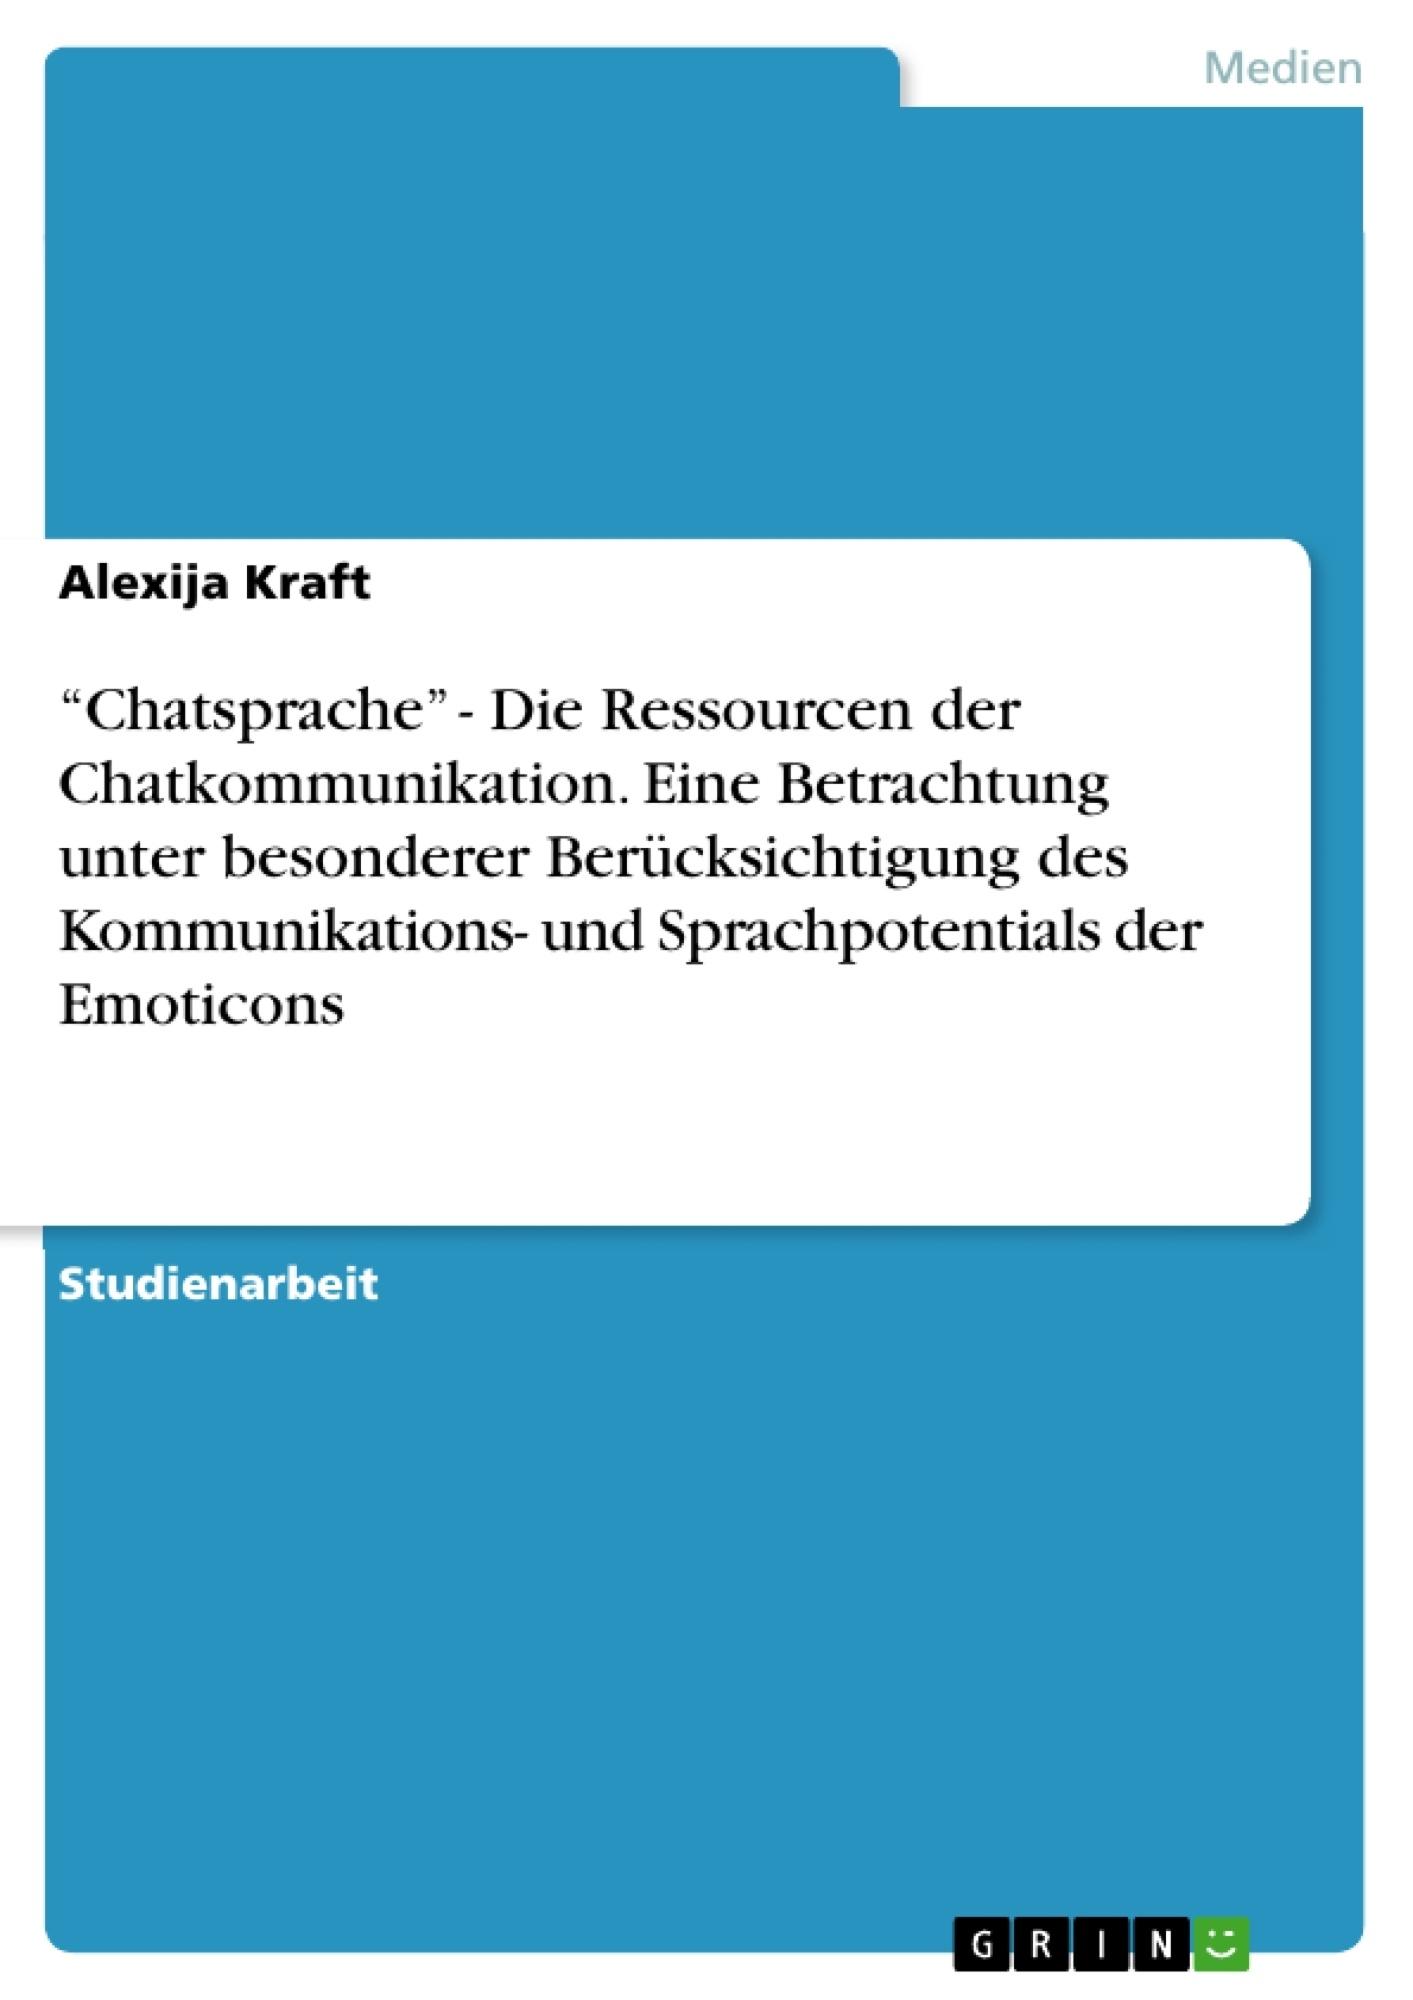 """Titel: """"Chatsprache"""" - Die Ressourcen der Chatkommunikation. Eine Betrachtung unter besonderer Berücksichtigung des Kommunikations- und Sprachpotentials der Emoticons"""